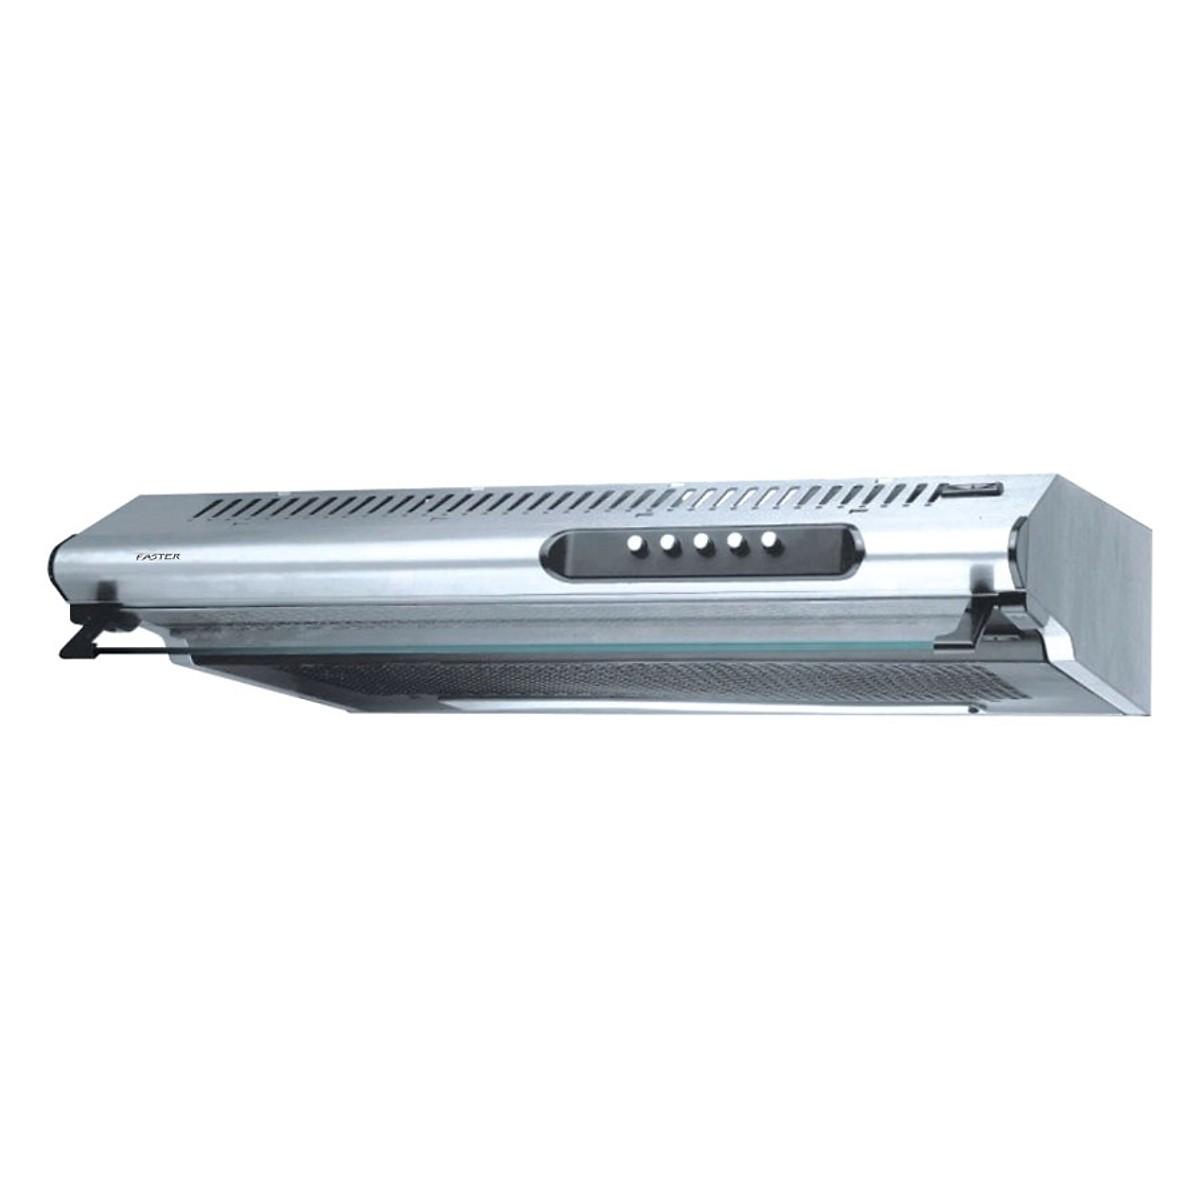 Máy Hút Khói Faster FS0870S (2 x 120W) - Hàng chính hãng